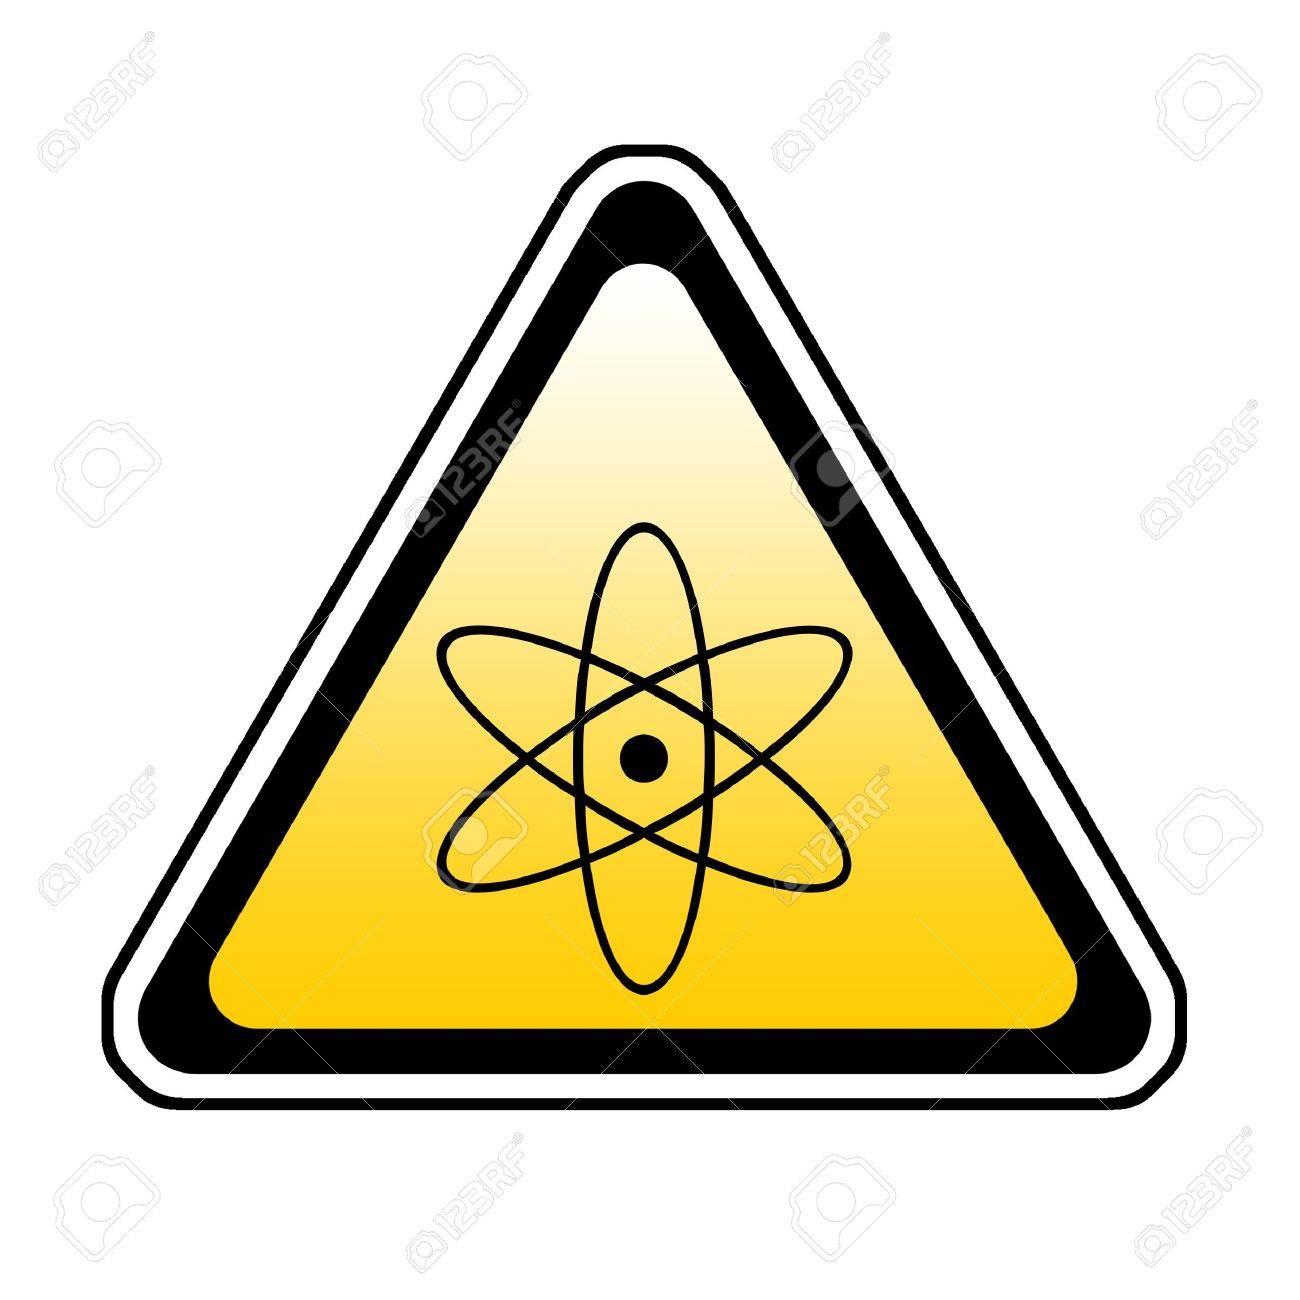 Radiation Warning Sign, Atomic Symbol, White Background Stock Photo - 3837551